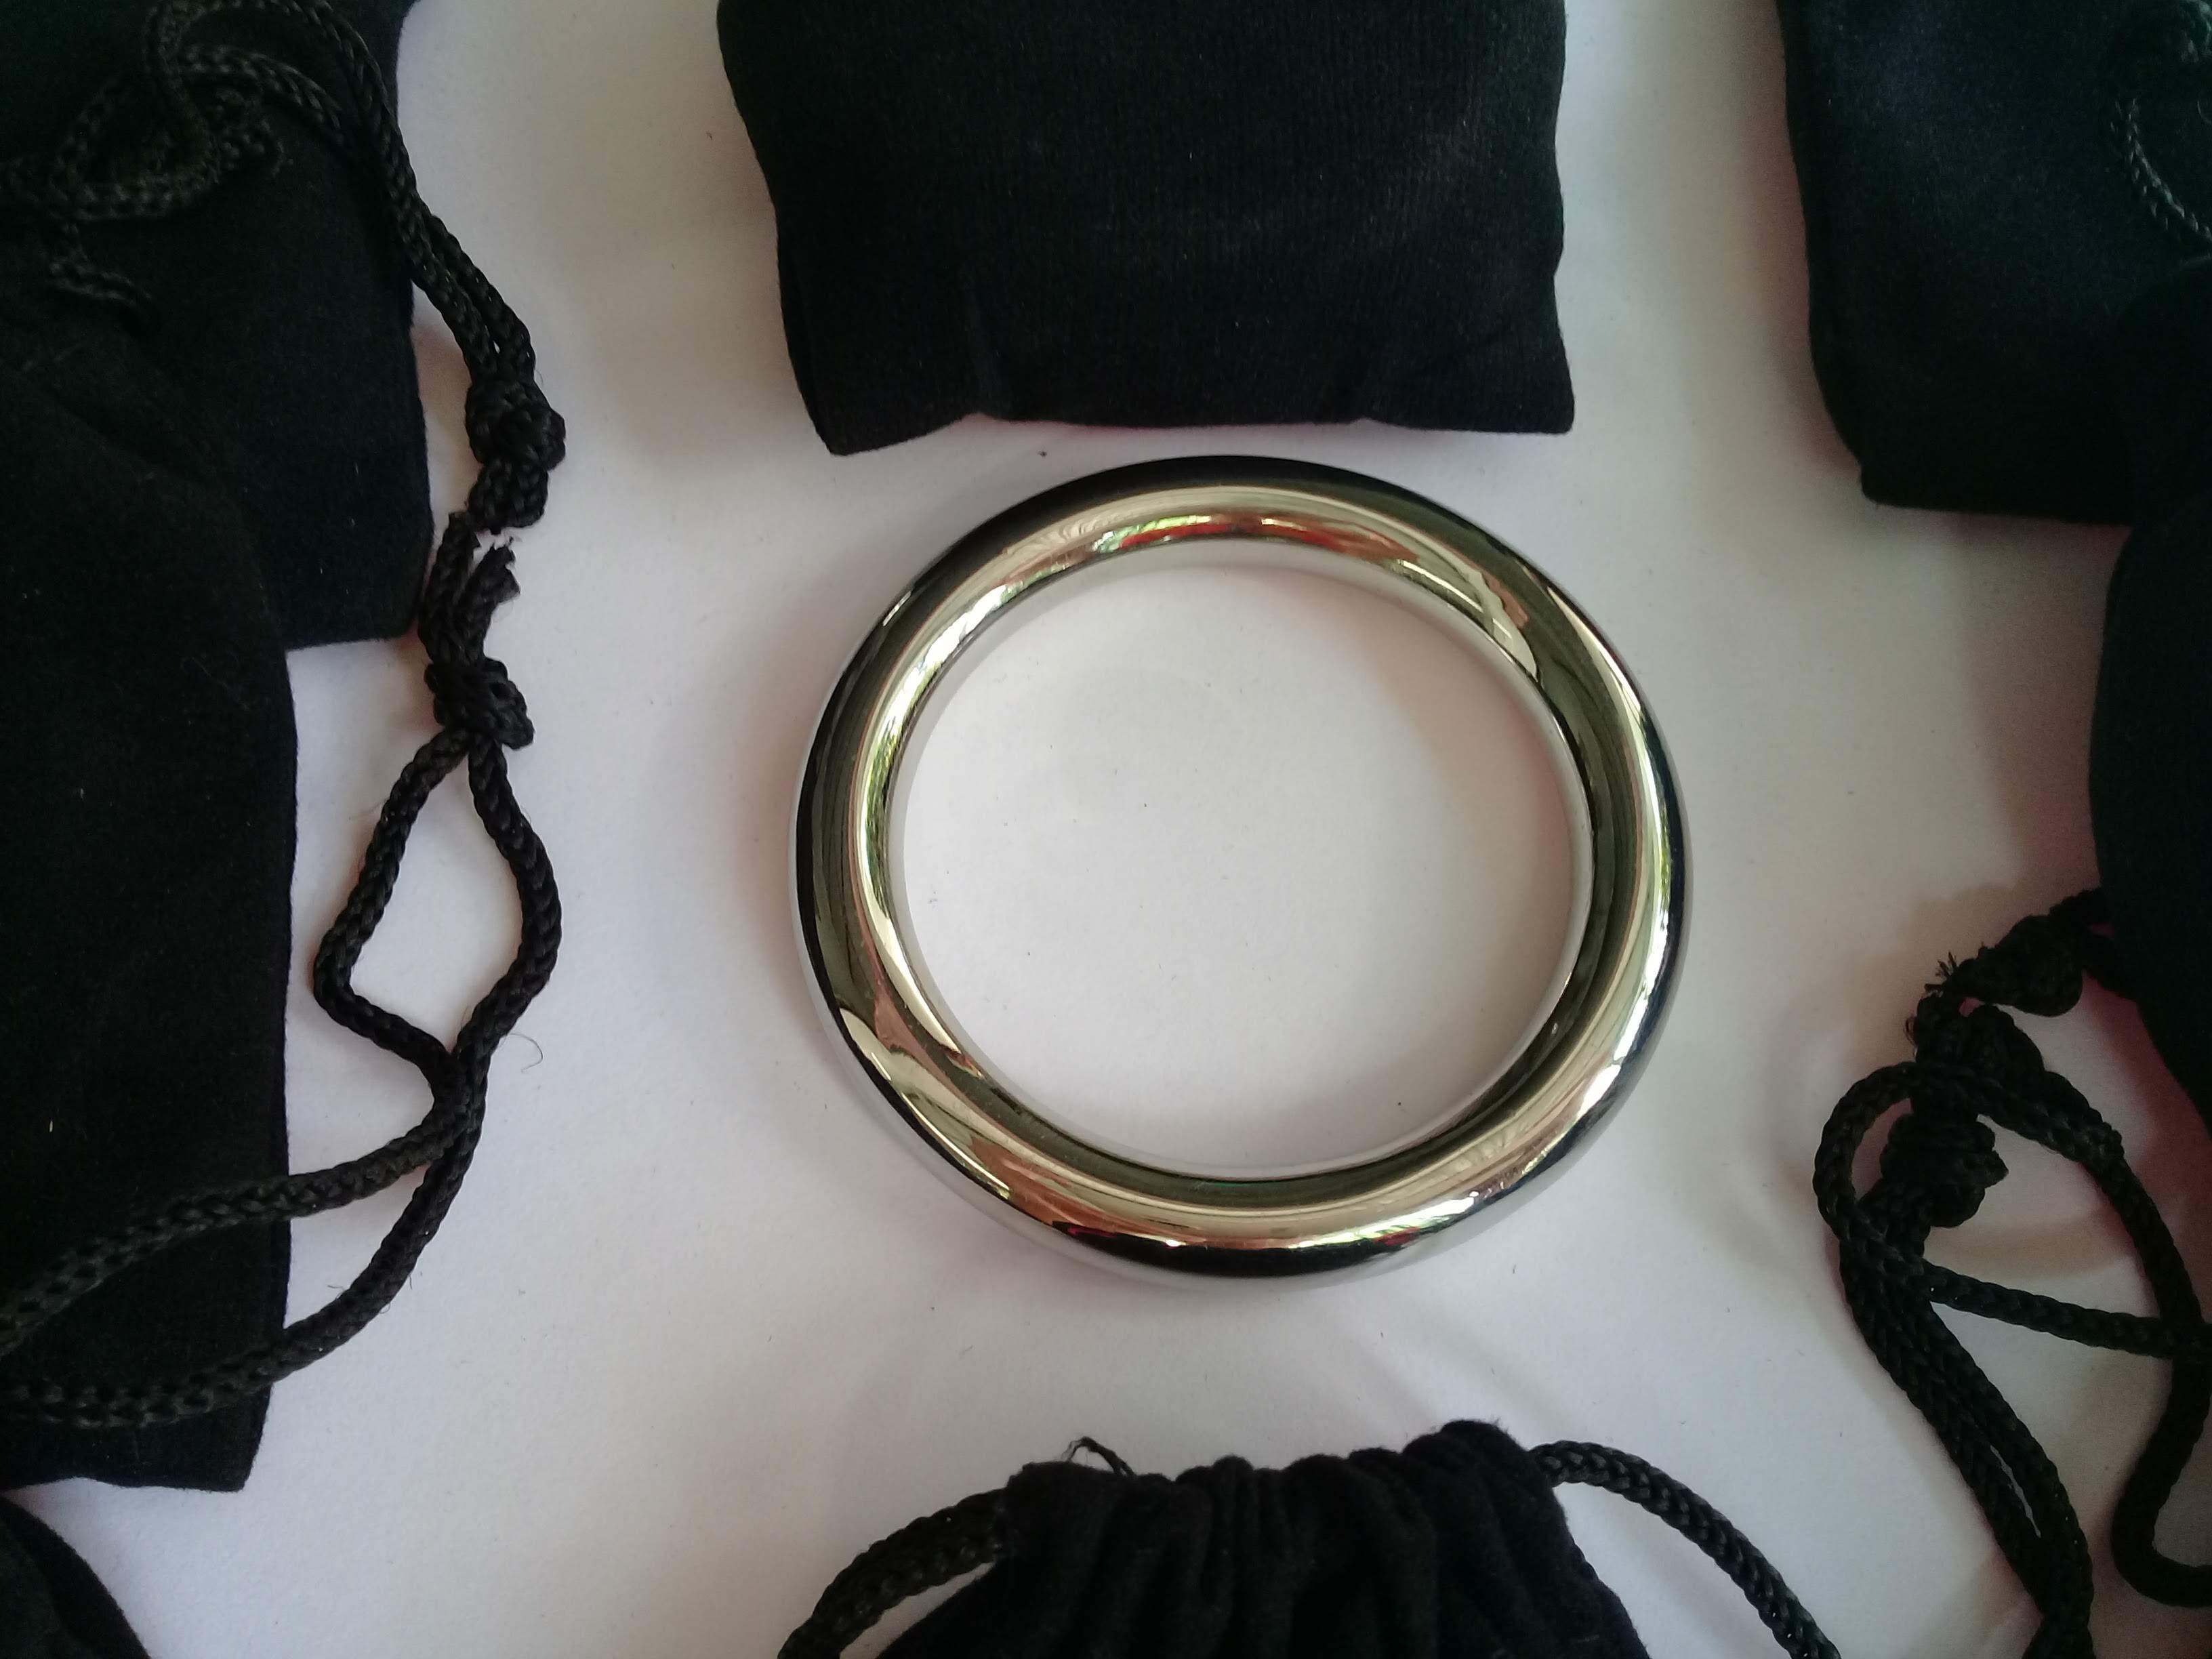 Bán Vòng đeo chăm sóc sức khỏe nam giới inox loại 1 vòng bản tròn 8mm đường  kính 3.8 - 5 cm chỉ 99.000₫